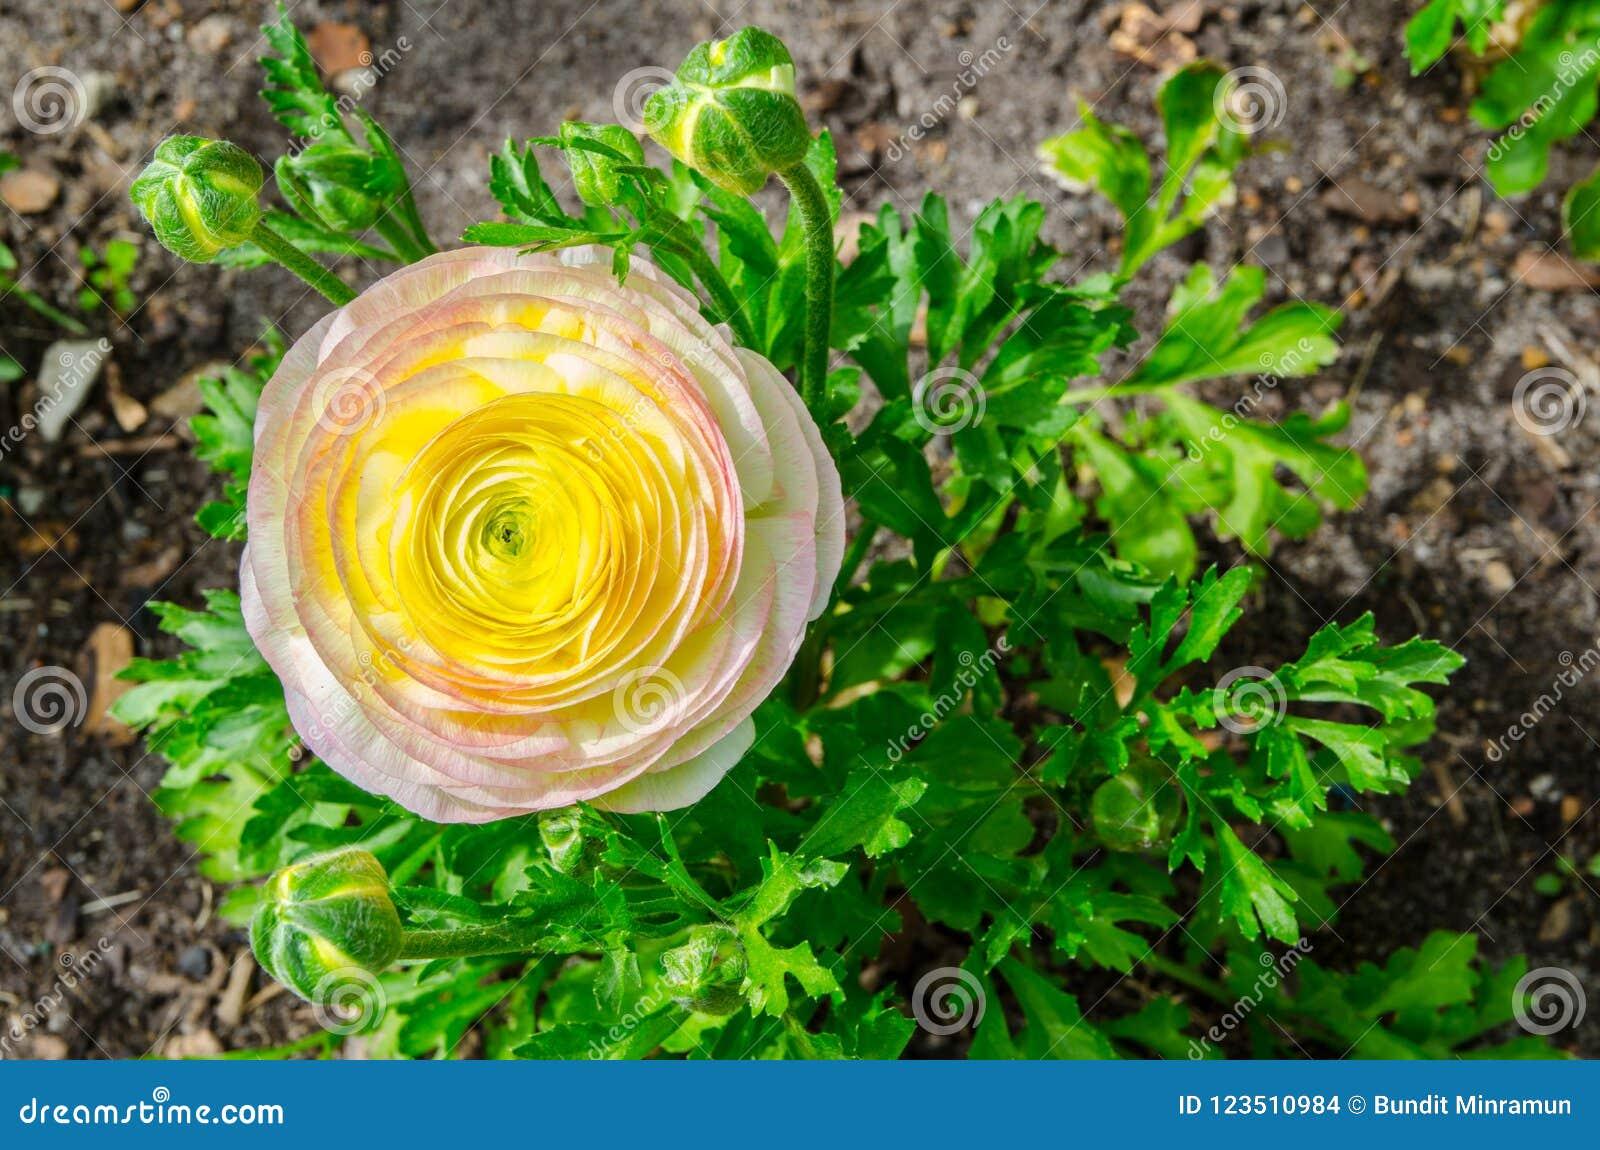 El ranúnculo precioso hermoso o el ranúnculo amarillo y rosado florece en el parque centenario, Sydney, Australia